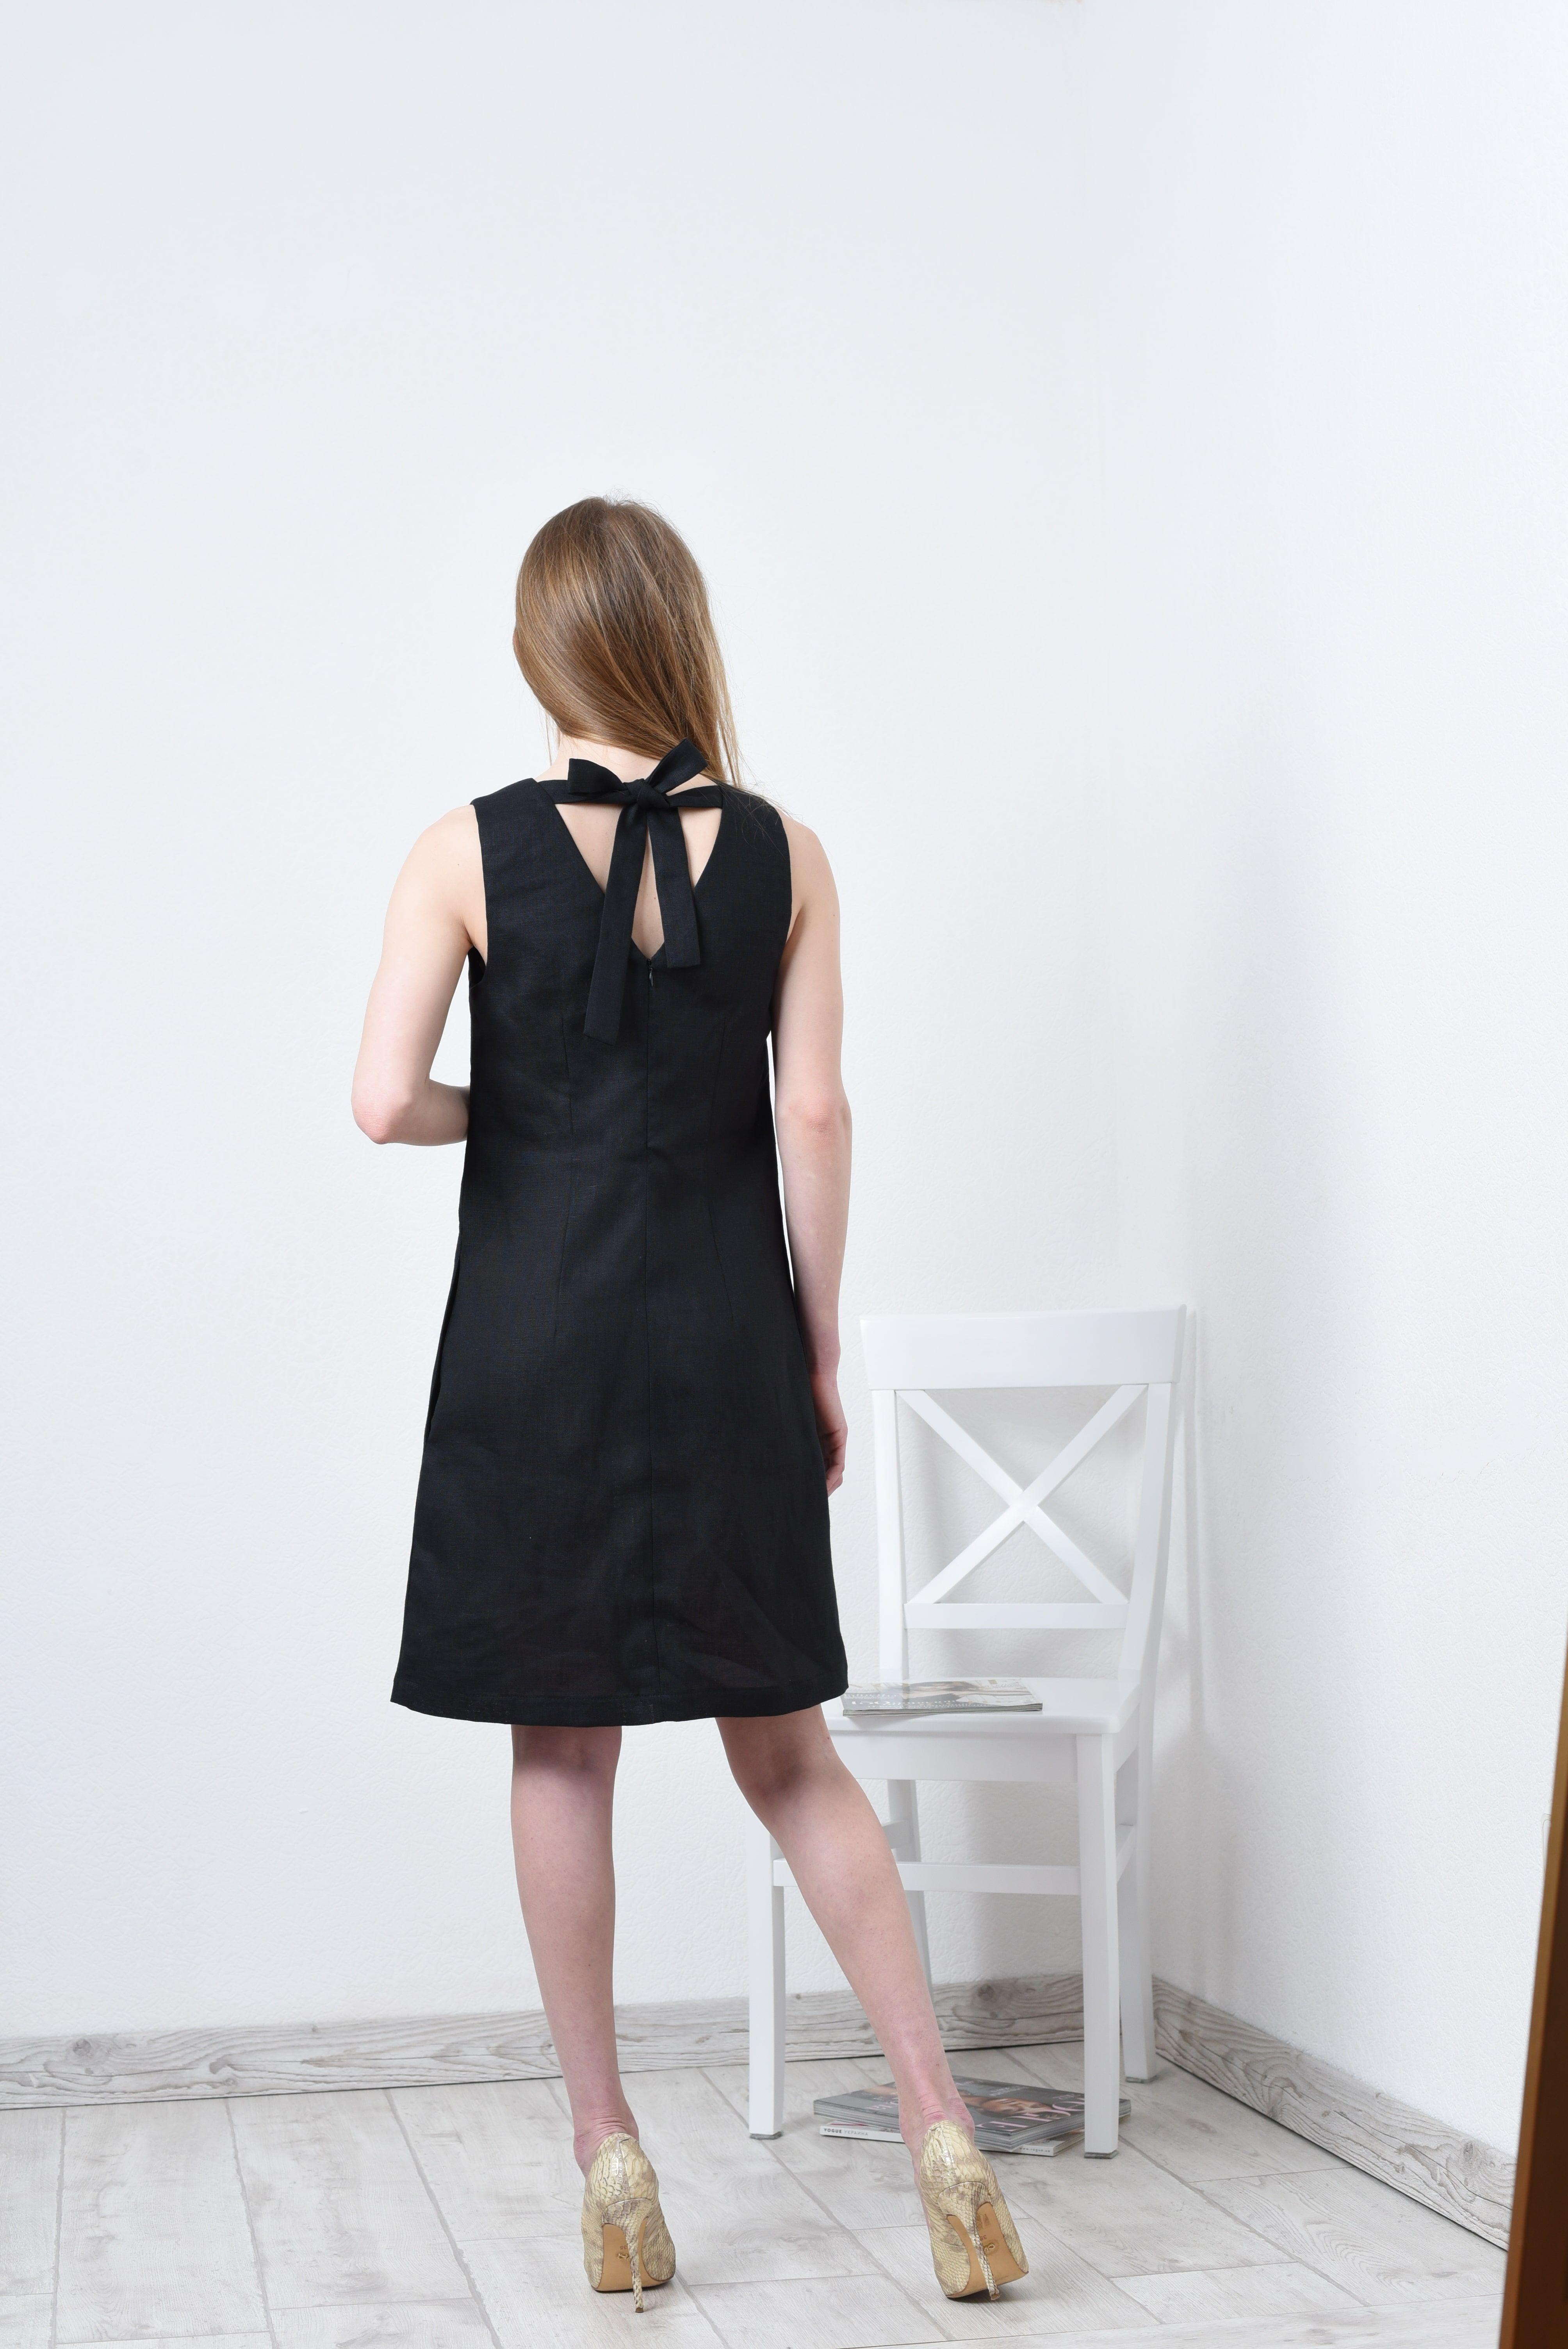 Linen Dress For Women Little Black Linen Dress With Ties Etsy Black Linen Dress Dresses White Linen Pants Women [ 6016 x 4016 Pixel ]